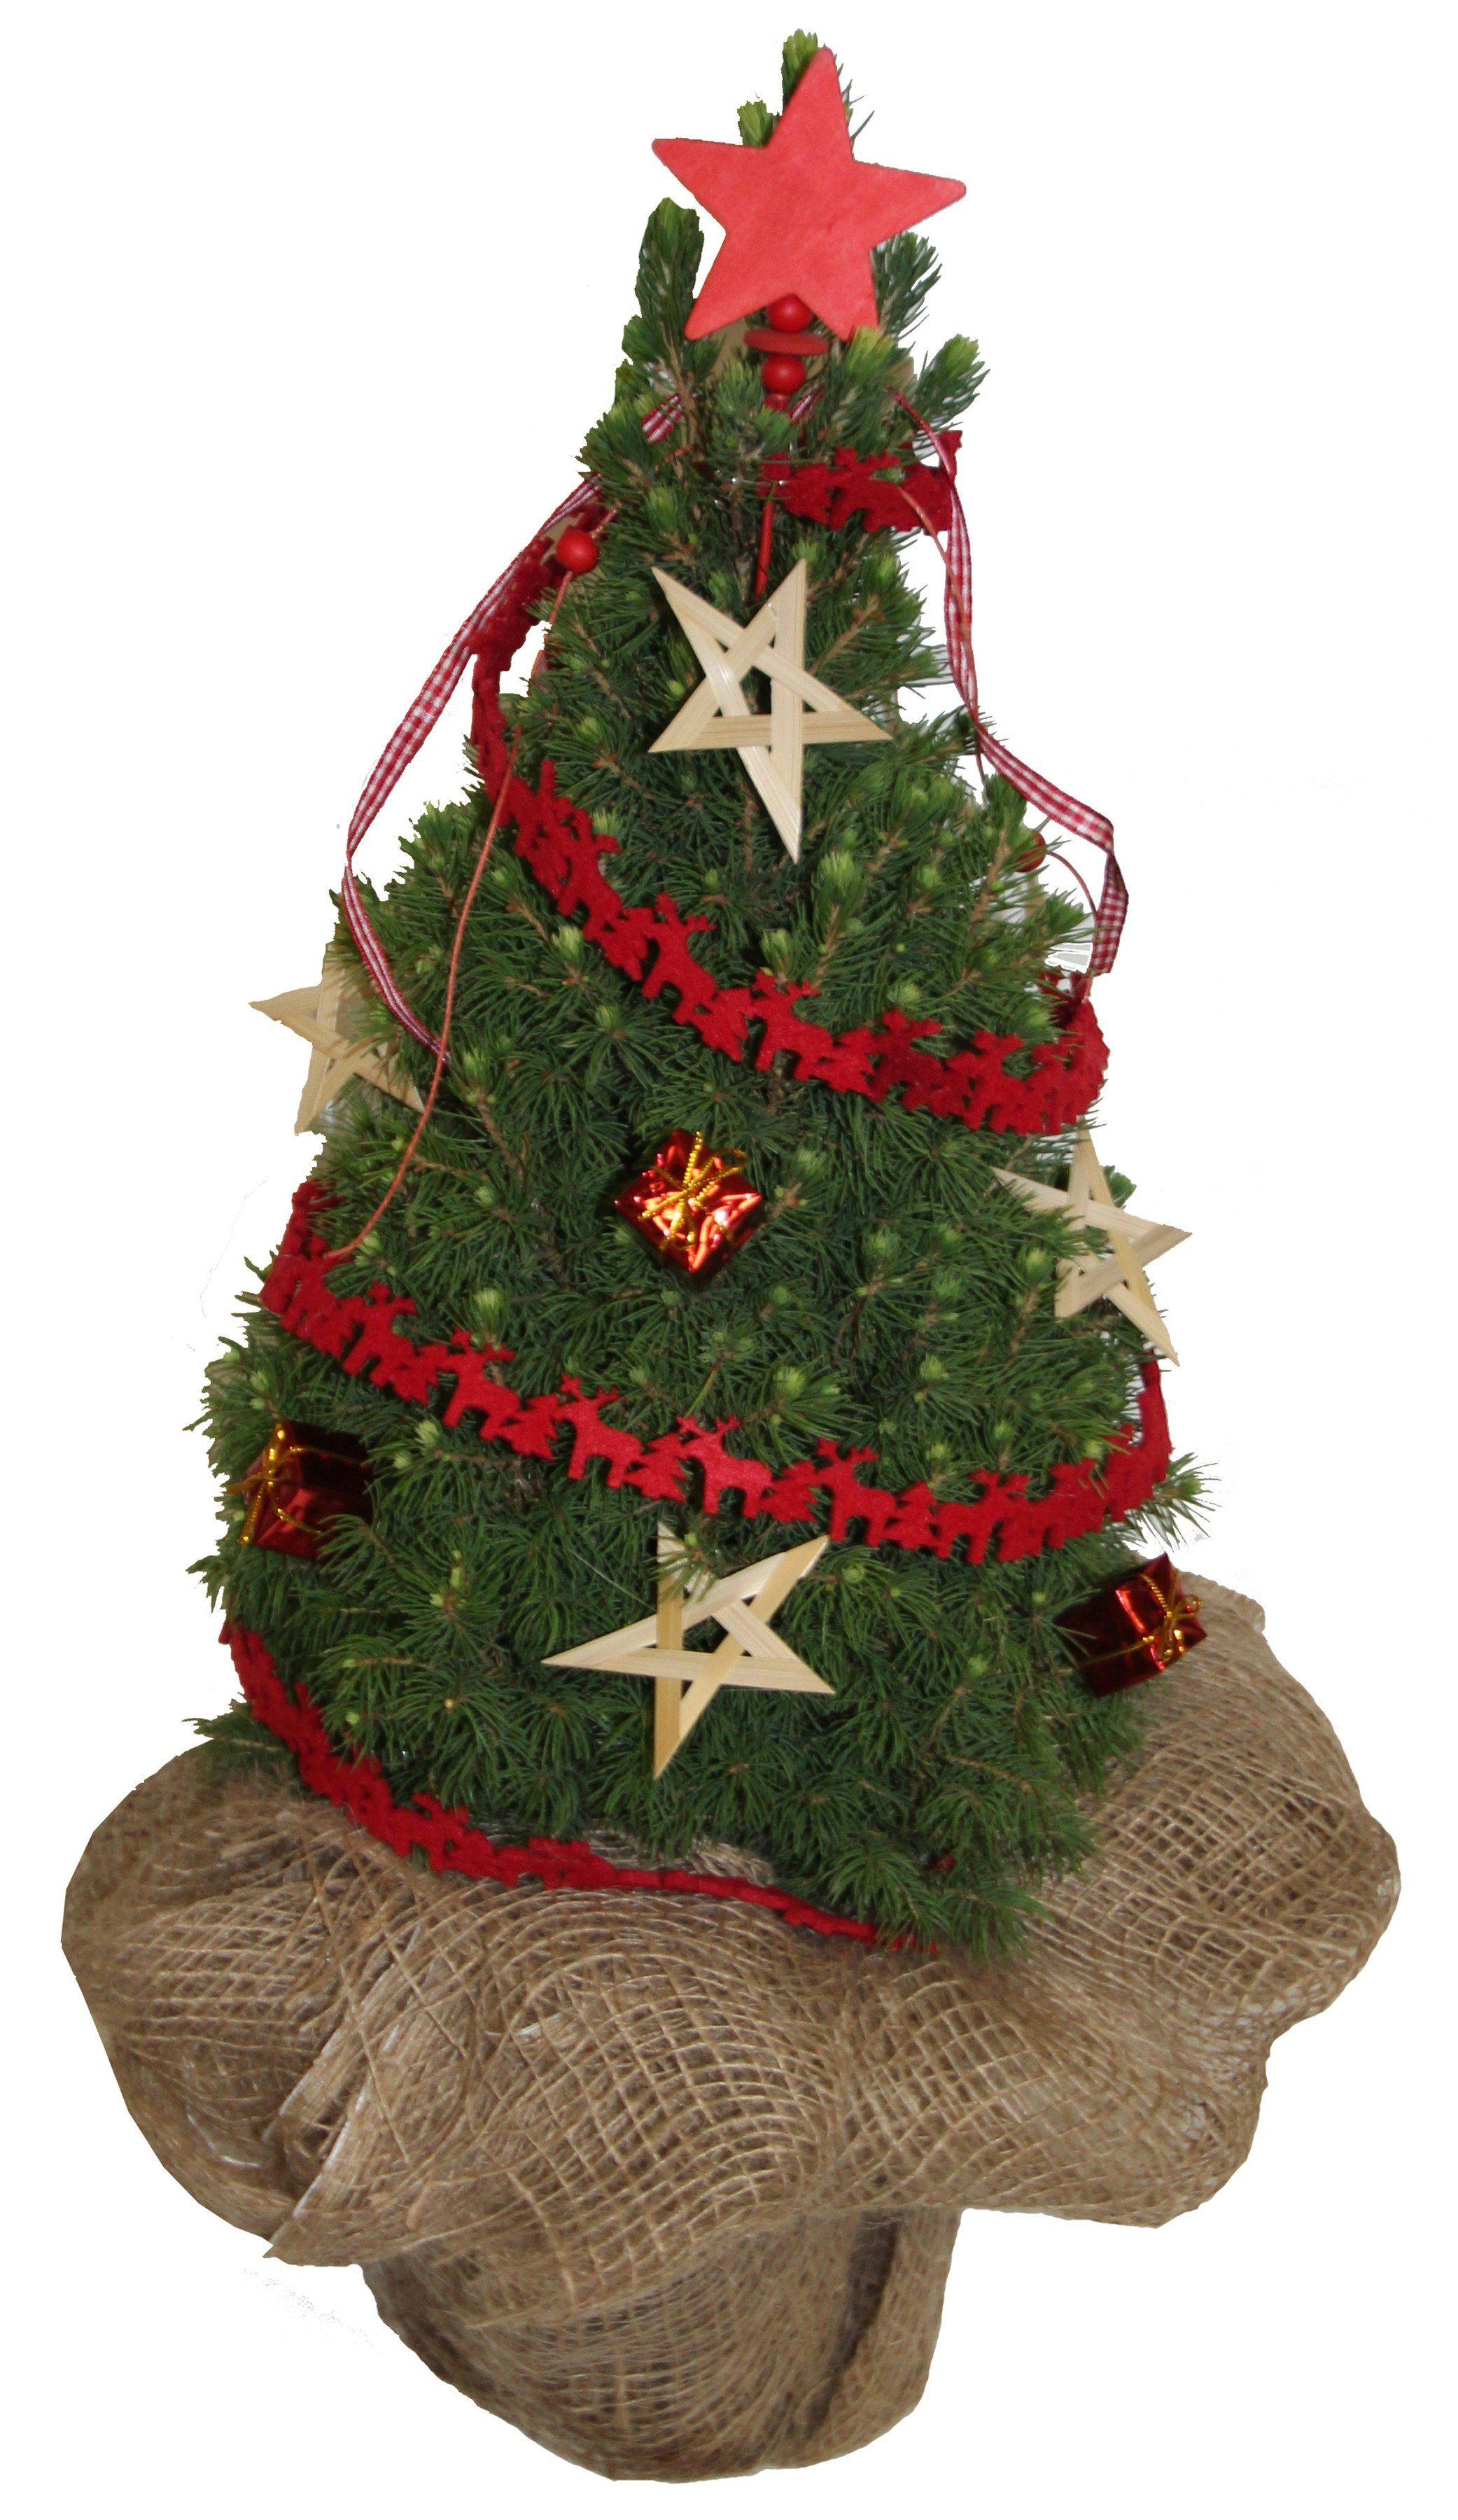 Konifere »Weihnachtsbaum«, rot geschmückt, Höhe ca.: 25 cm